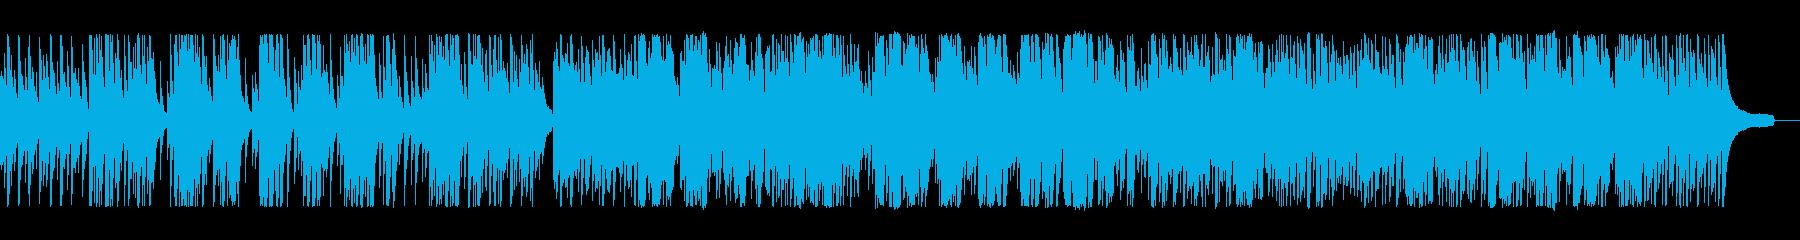 イージーリスニング 説明的 繰り返...の再生済みの波形